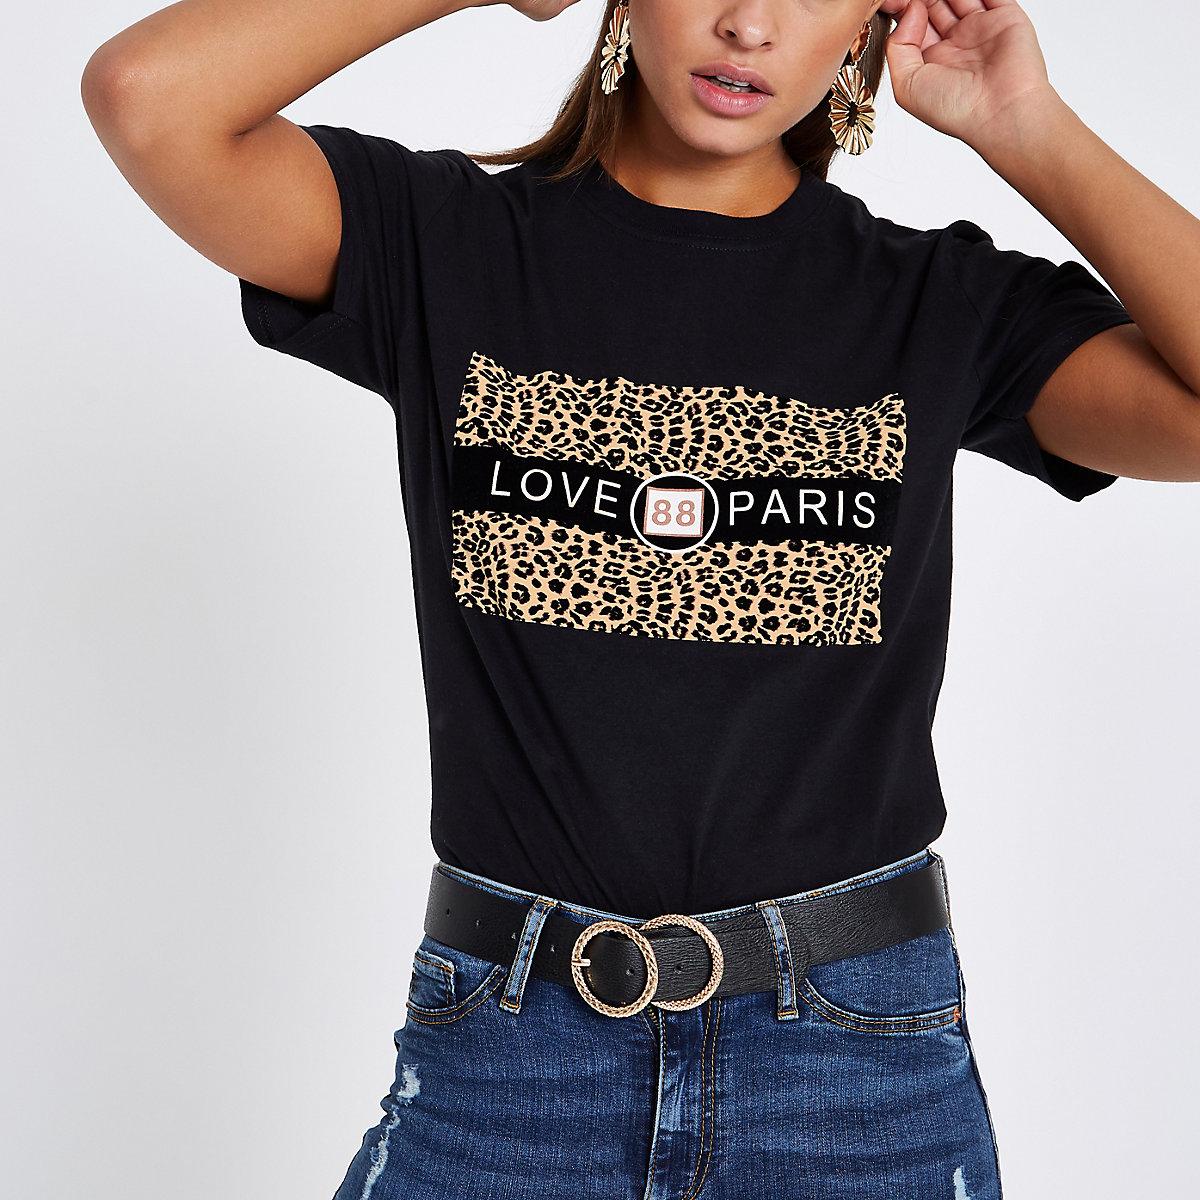 Black 'love paris' leopard print T-shirt